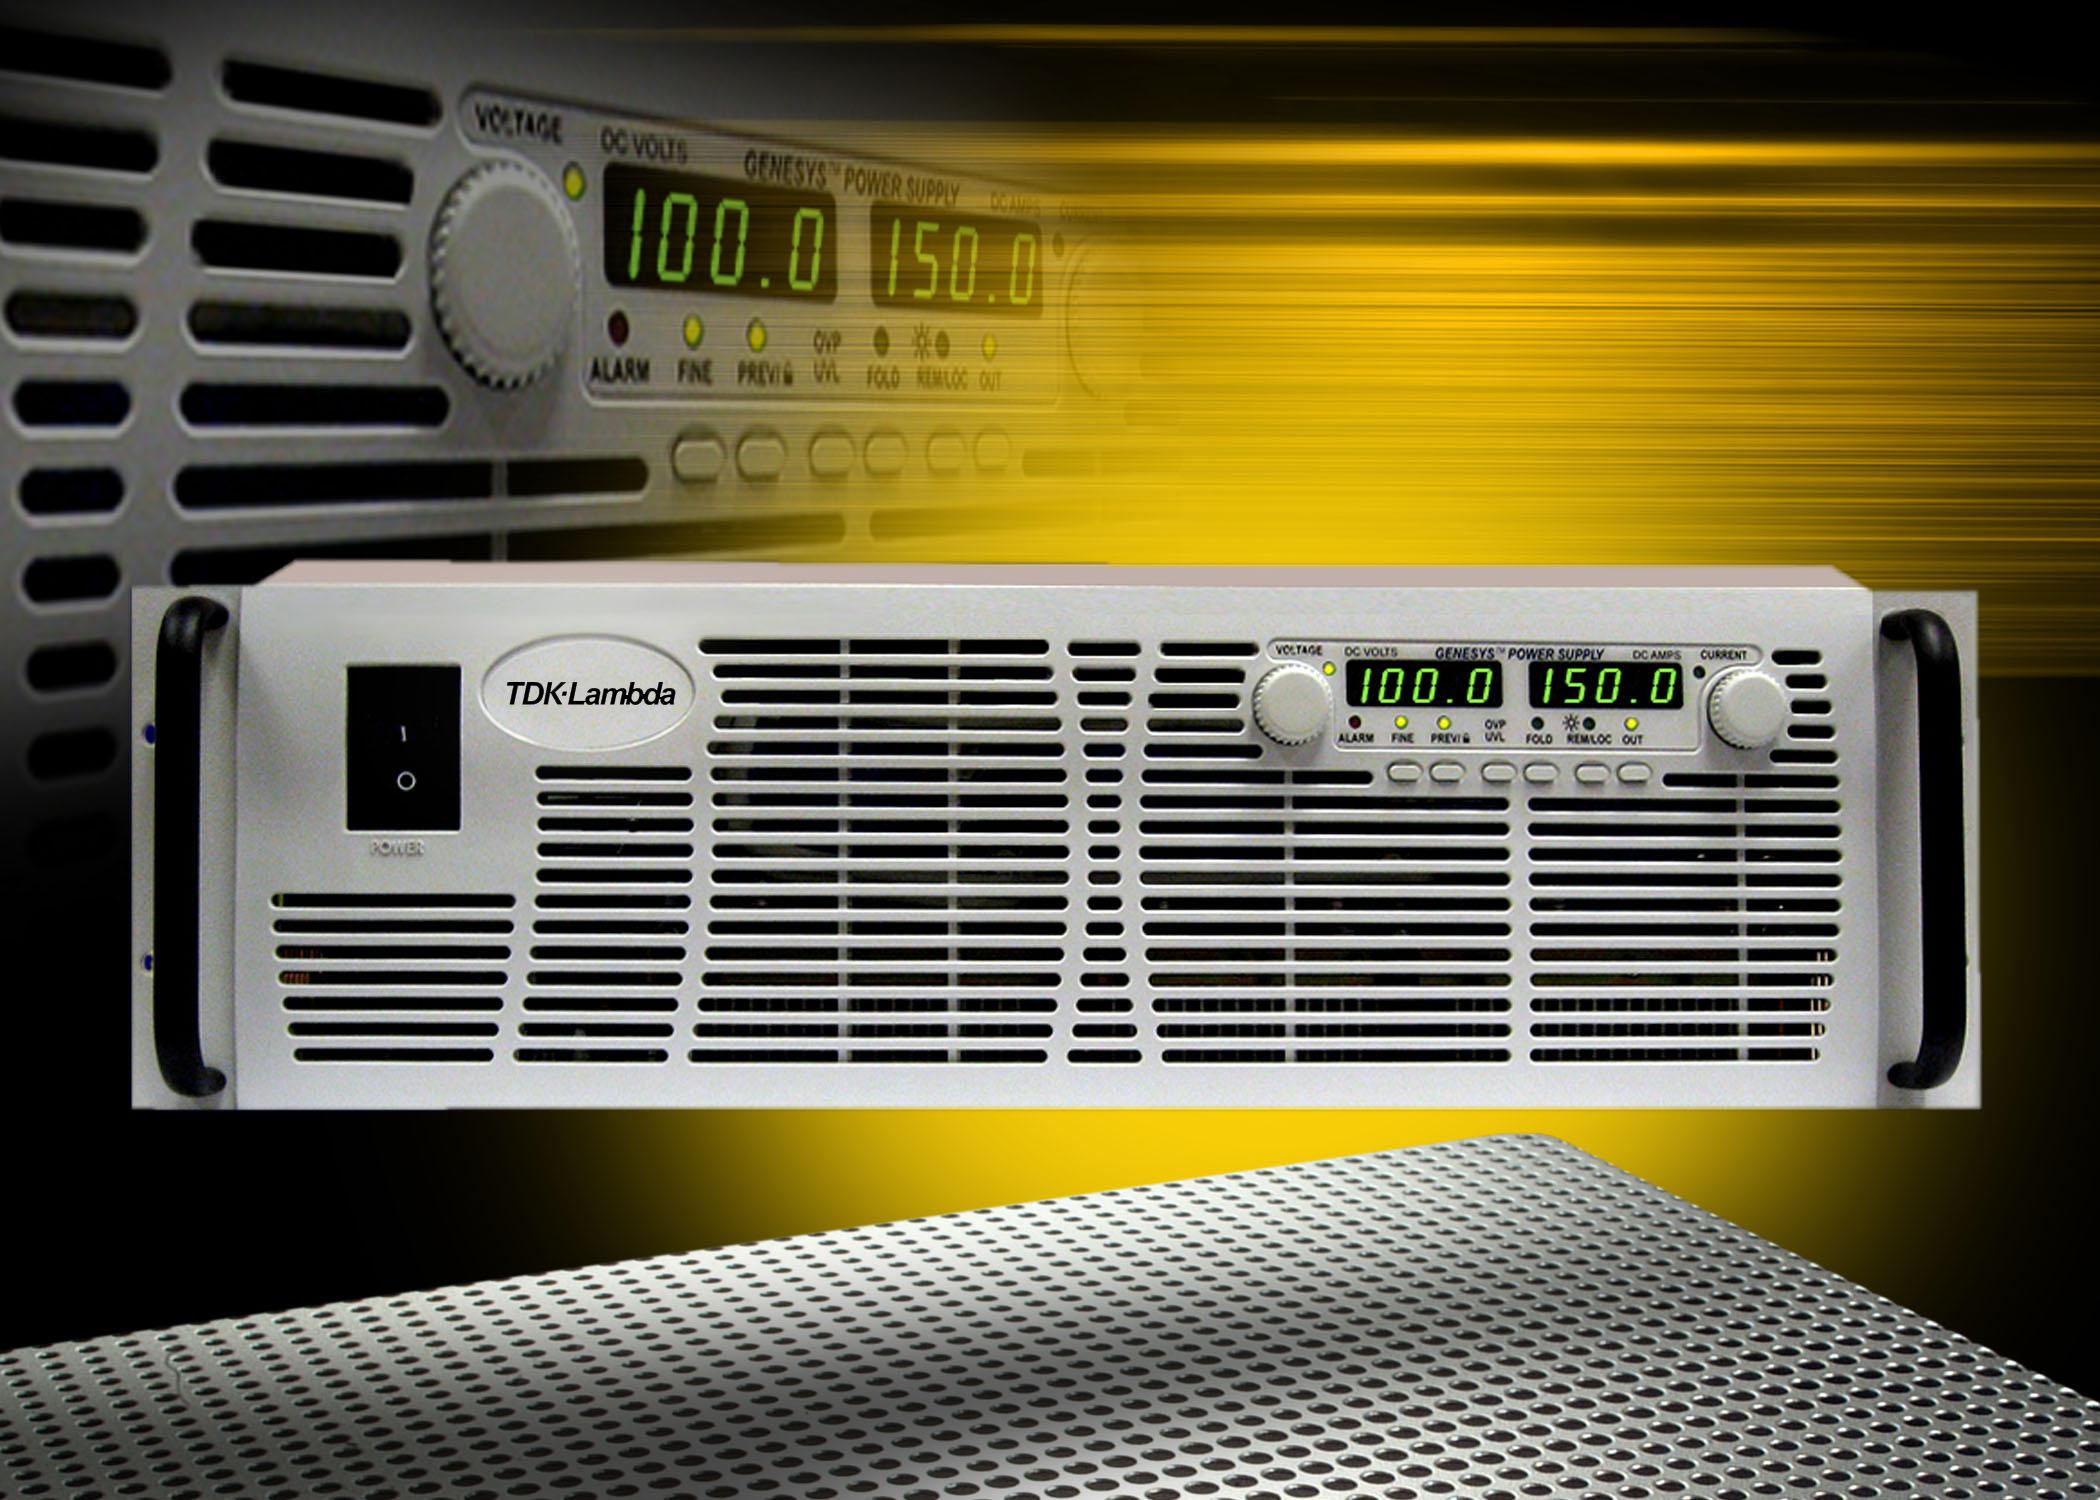 Компания TDK-Lambda объявила о прекращении приёма заказов на программируемые блоки серии GENESYS 3U